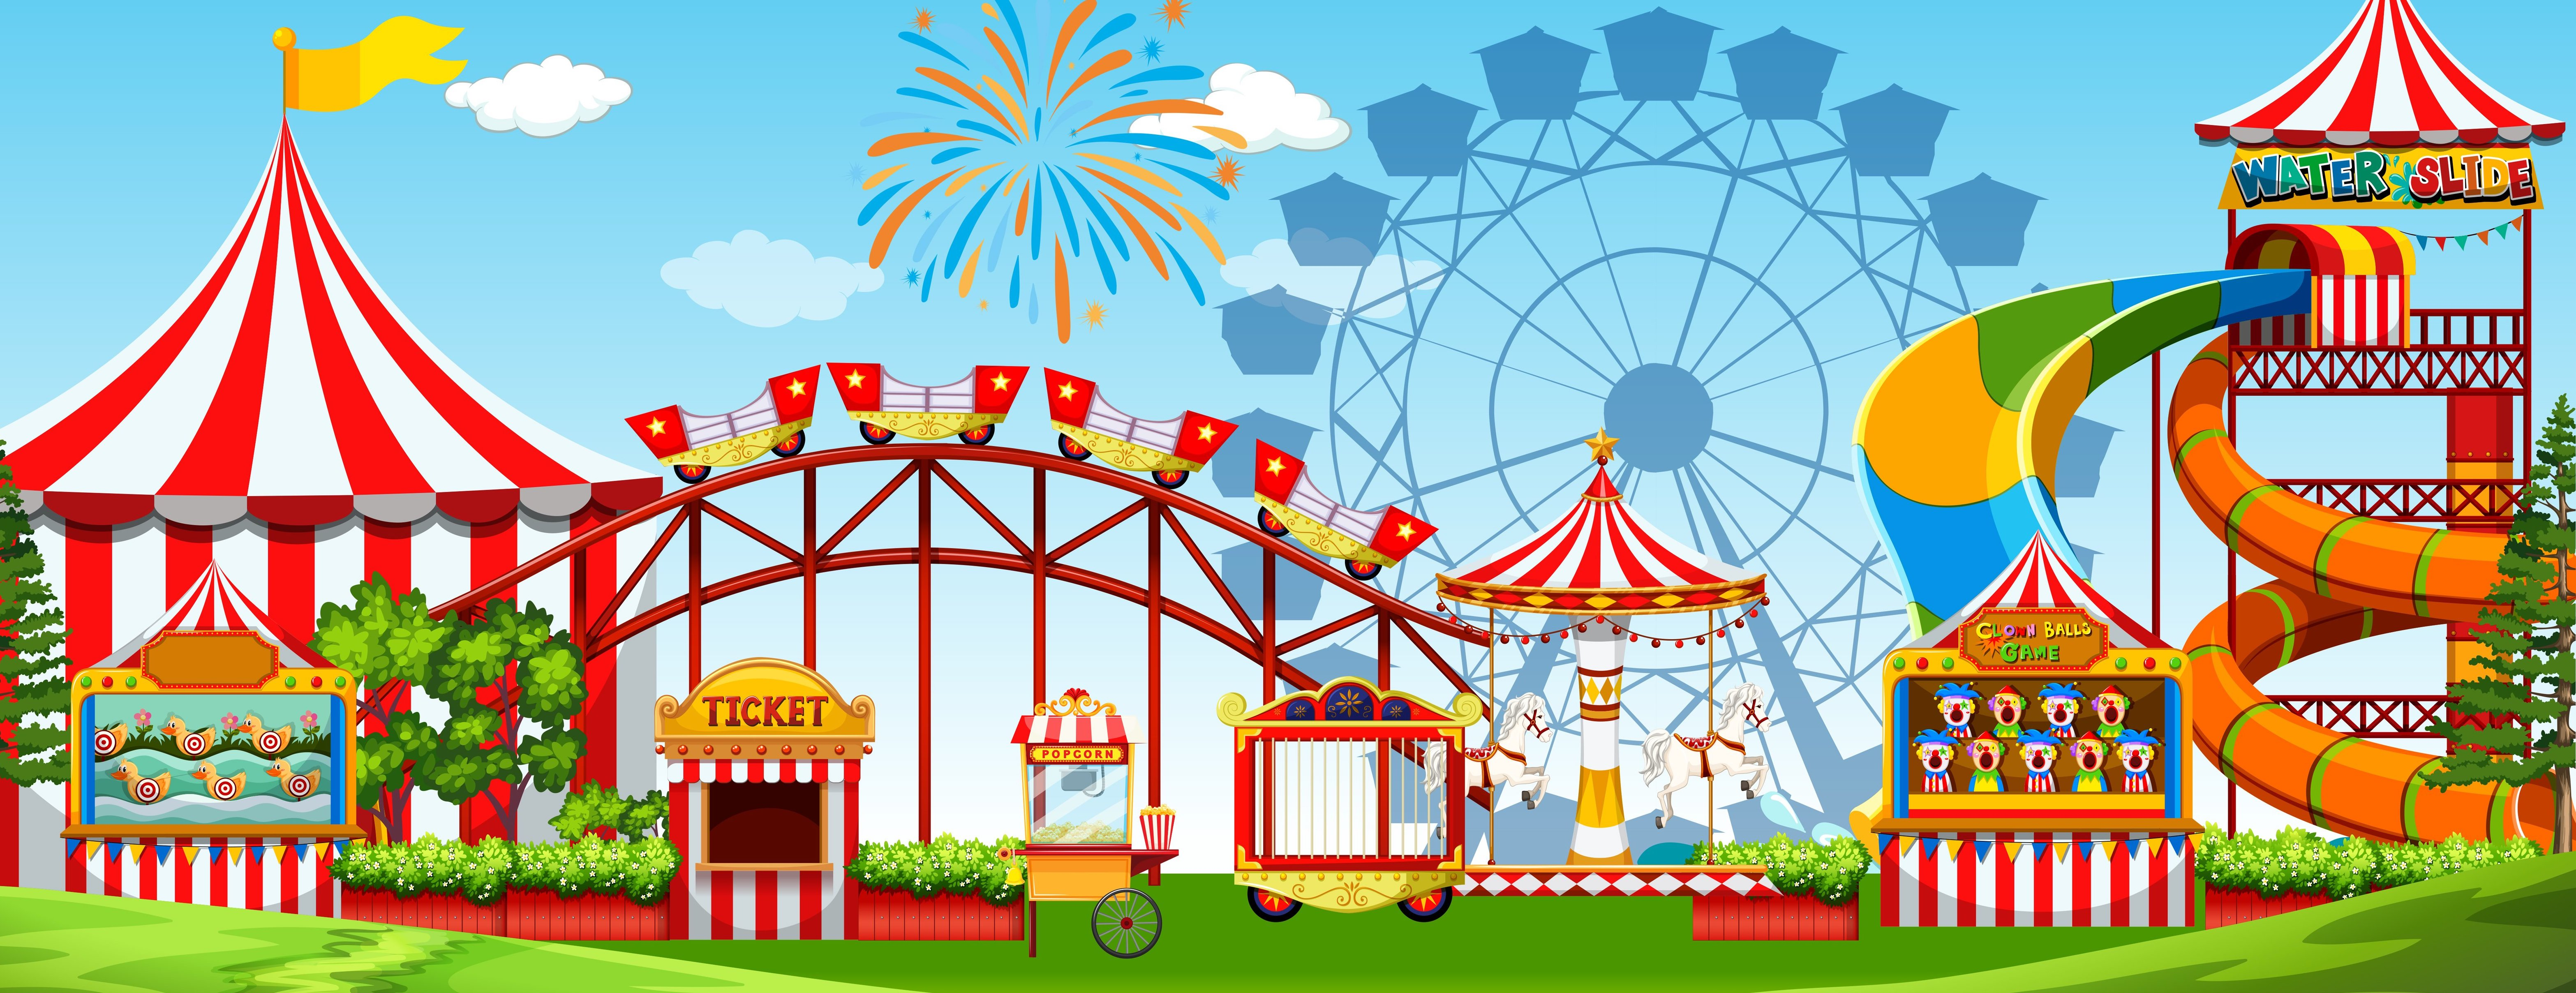 A fun amusement park scene